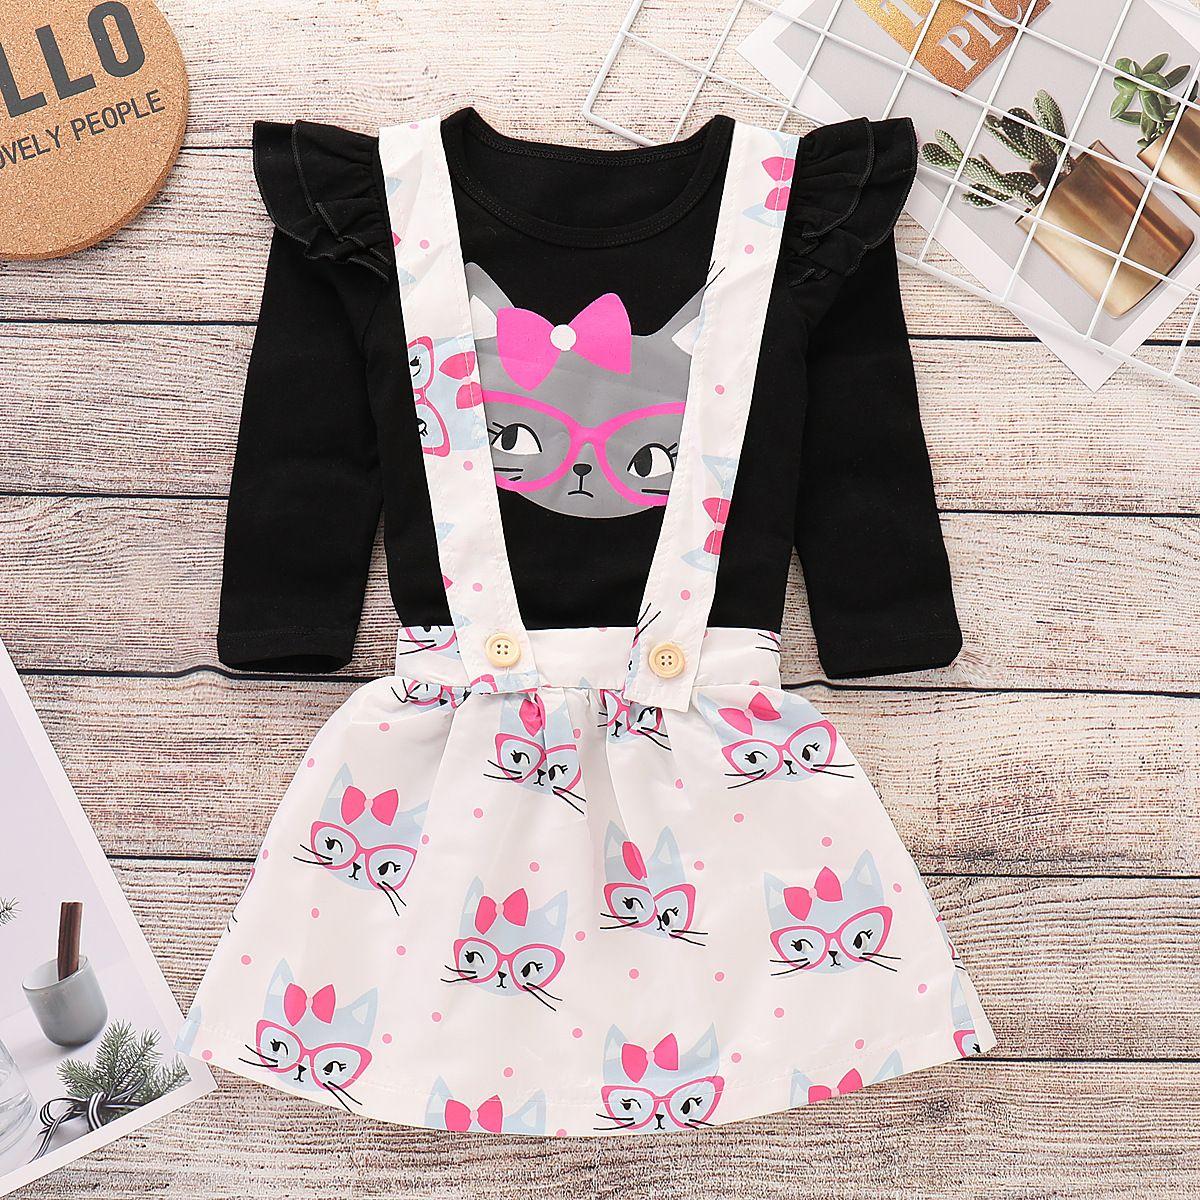 디자이너 아기 소녀는 옷을 럭셔리 아이 옷 슬링 드레스 2 개 의류 긴 고양이 프린트 티셔츠 탑+벨트 드레스